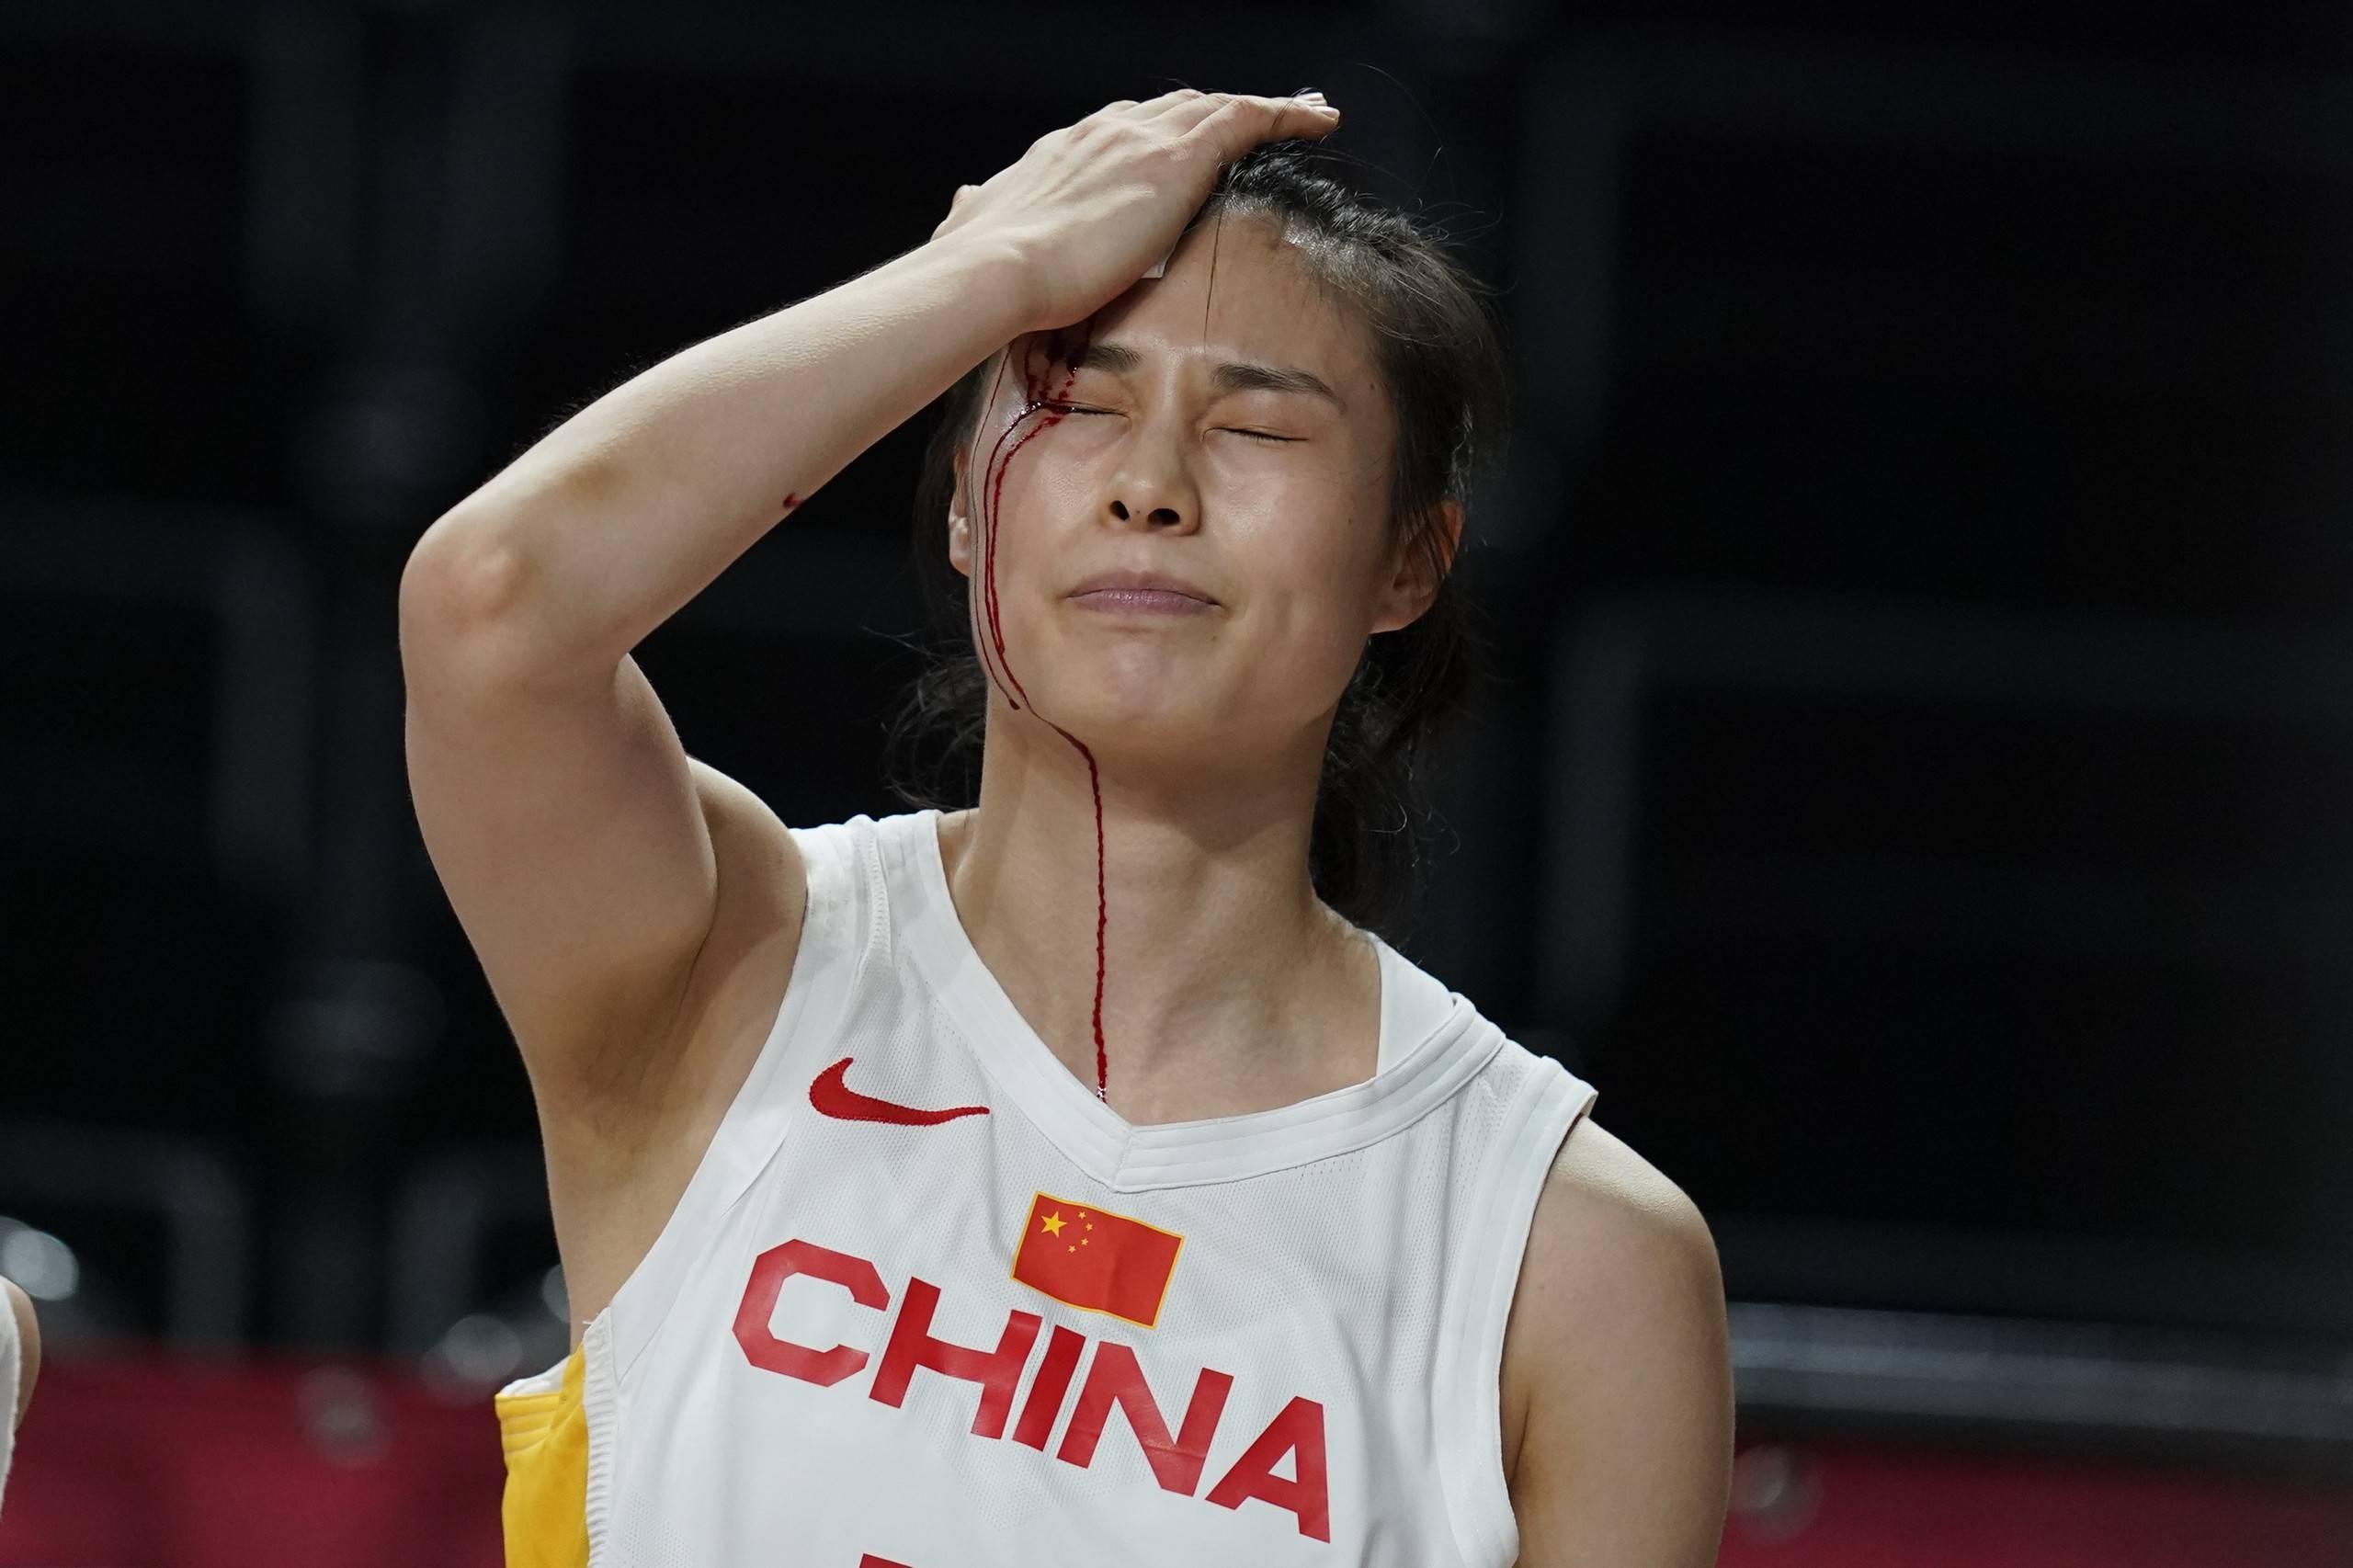 中国女篮战胜强敌澳大利亚 姑娘们血染赛场还在拼_英皇娱乐注册